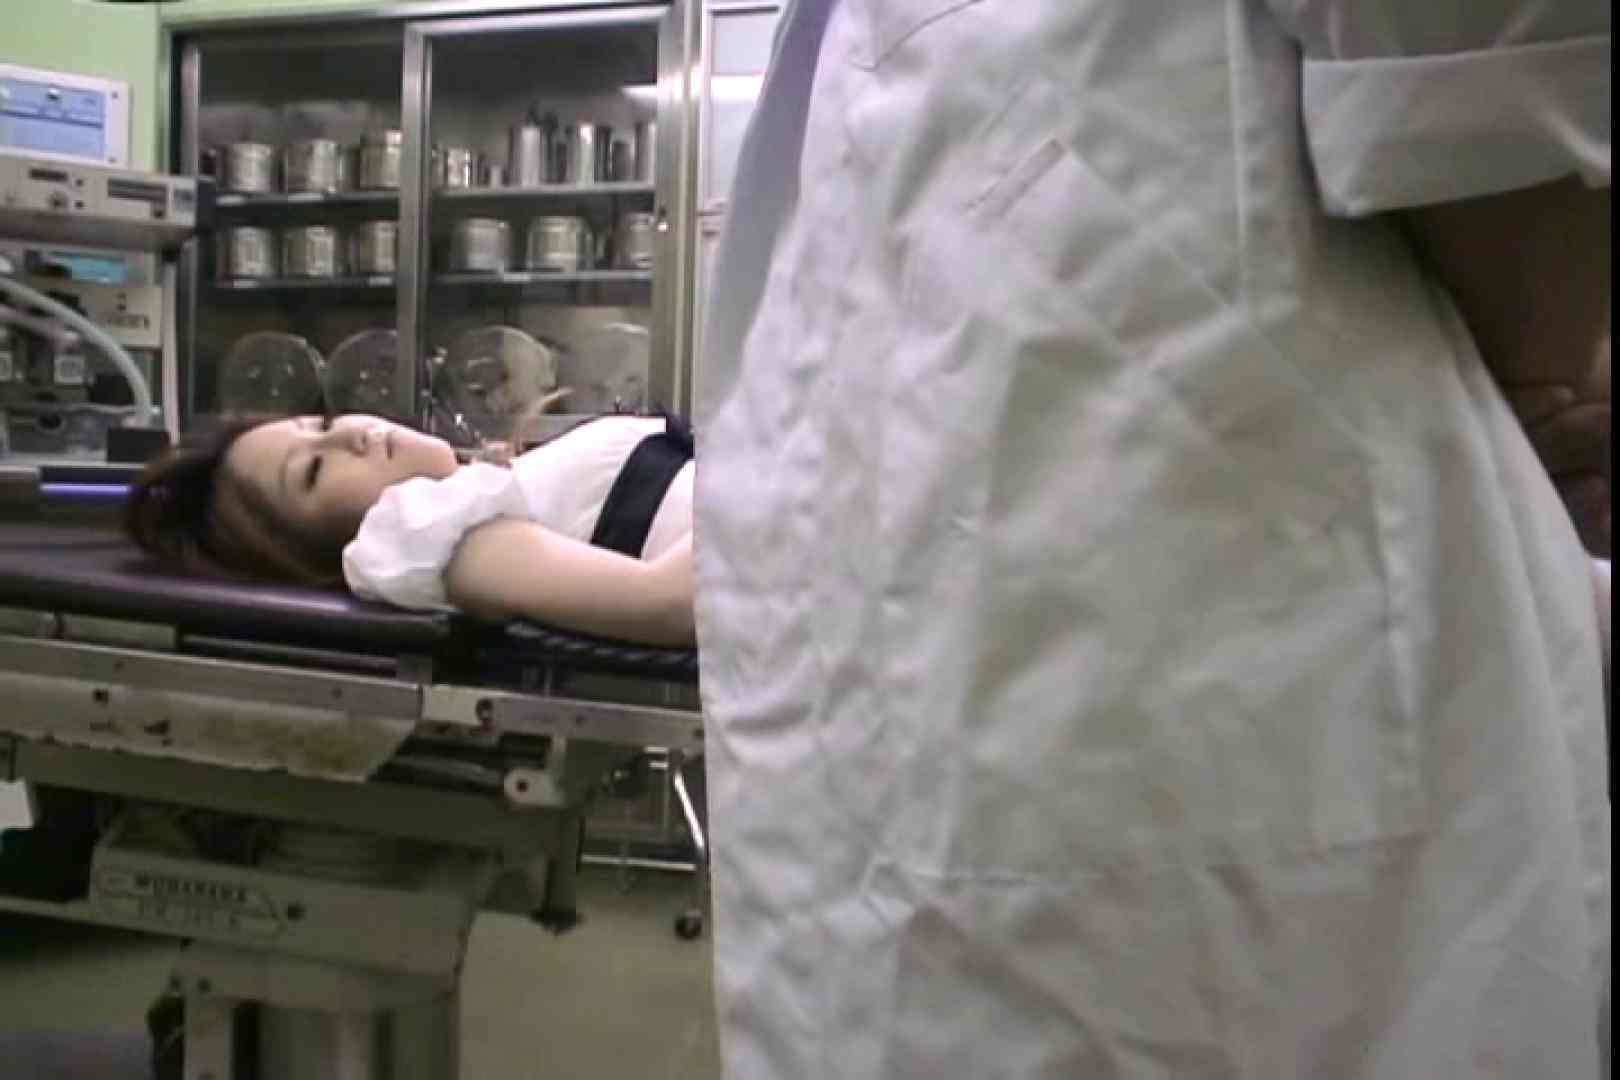 はらませ変態医師!受精完了!!Vol.7 マンコ映像 | 感じるセックス  73連発 65